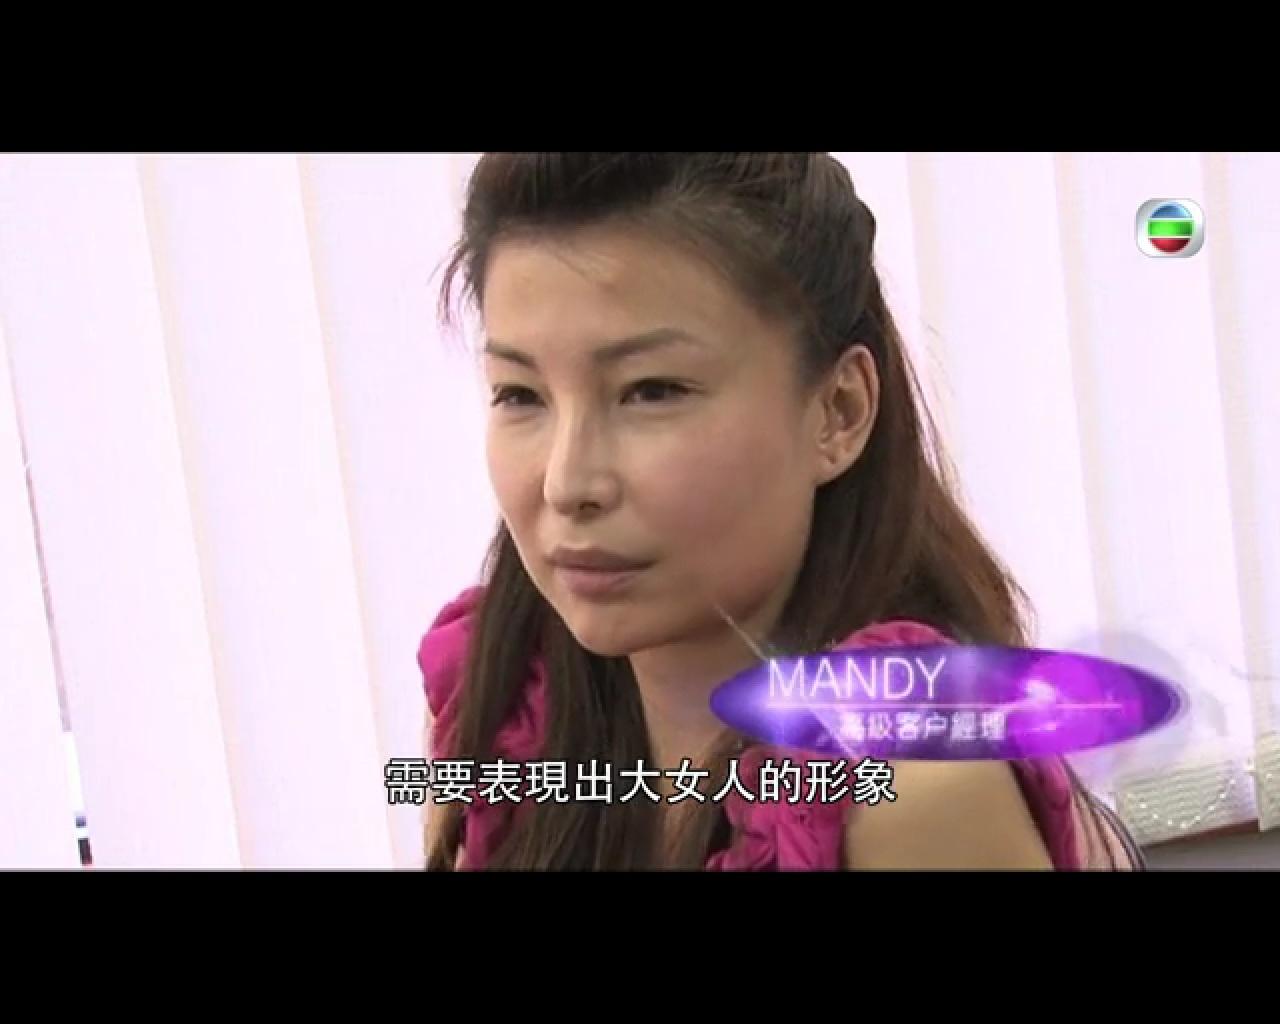 盛女愛作戰 Mandy